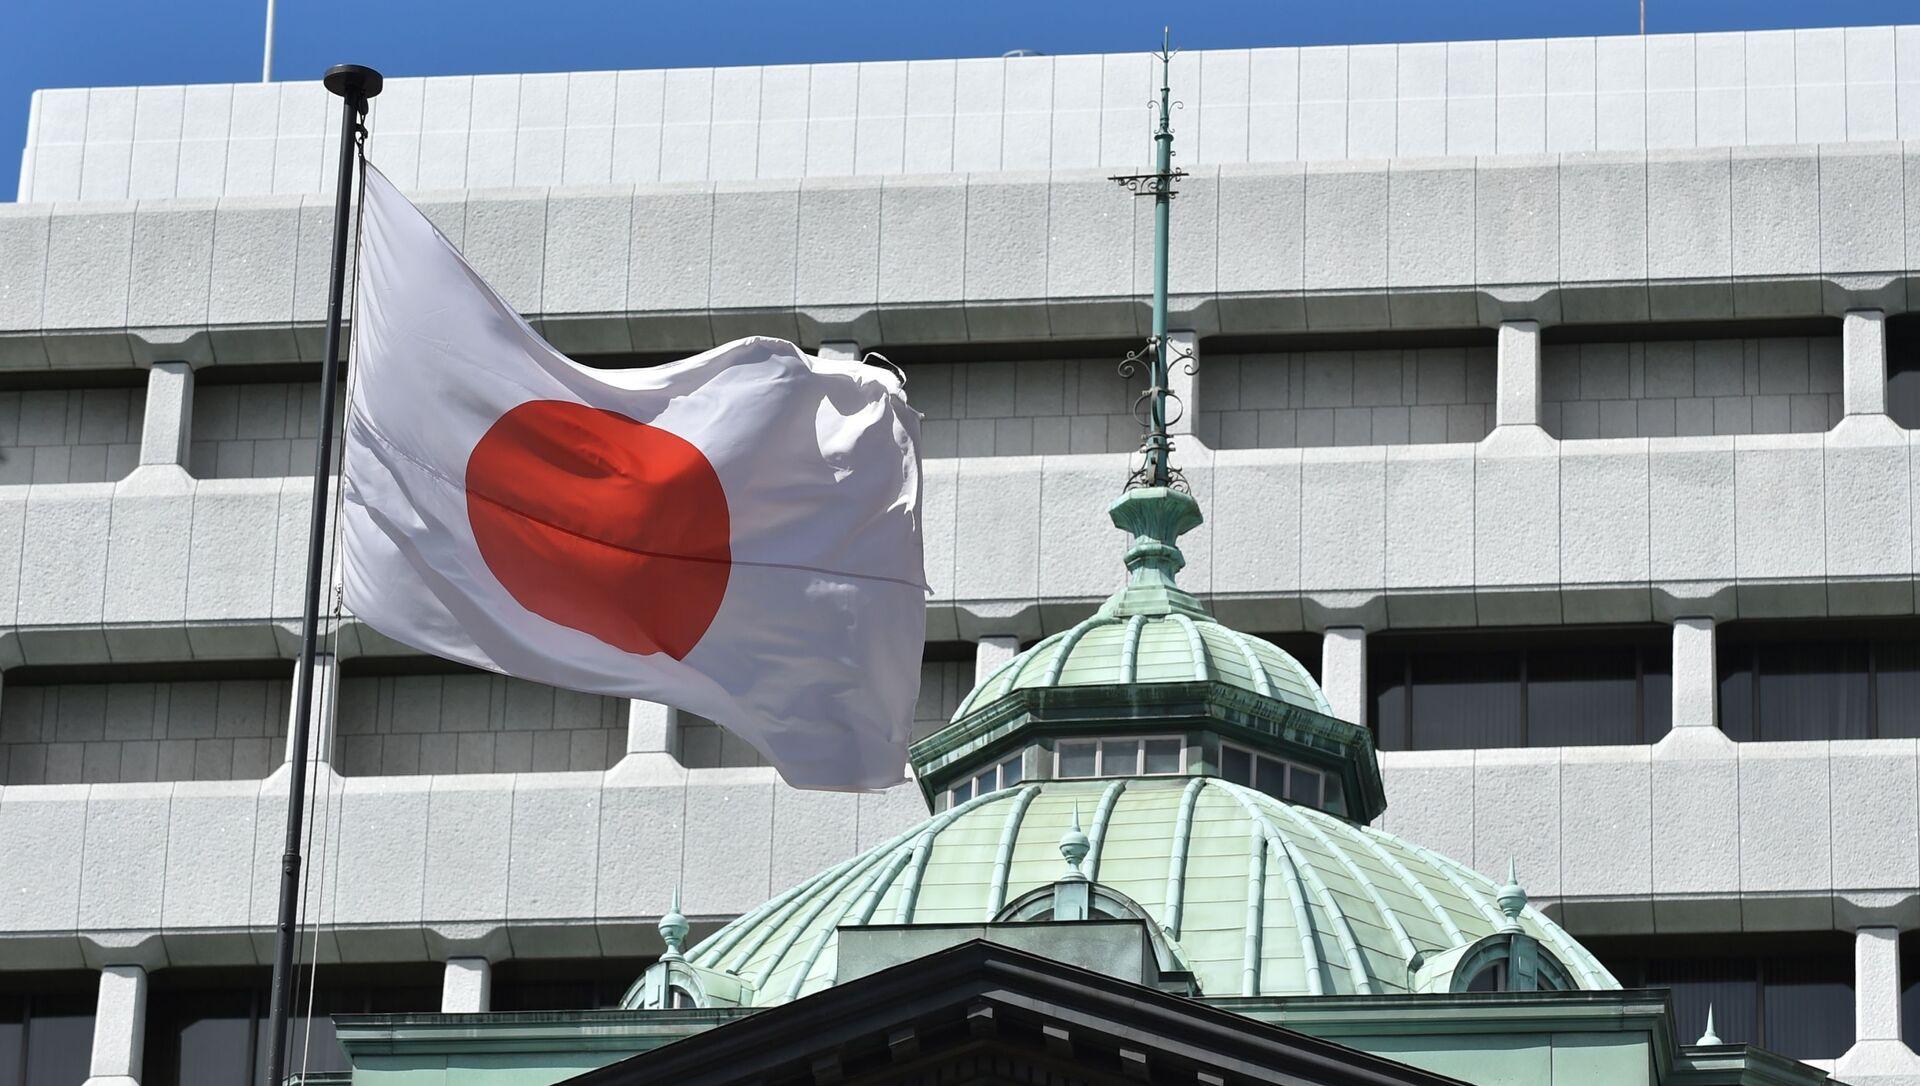 Флаг Японии, фото из архива - Sputnik Азербайджан, 1920, 13.07.2021